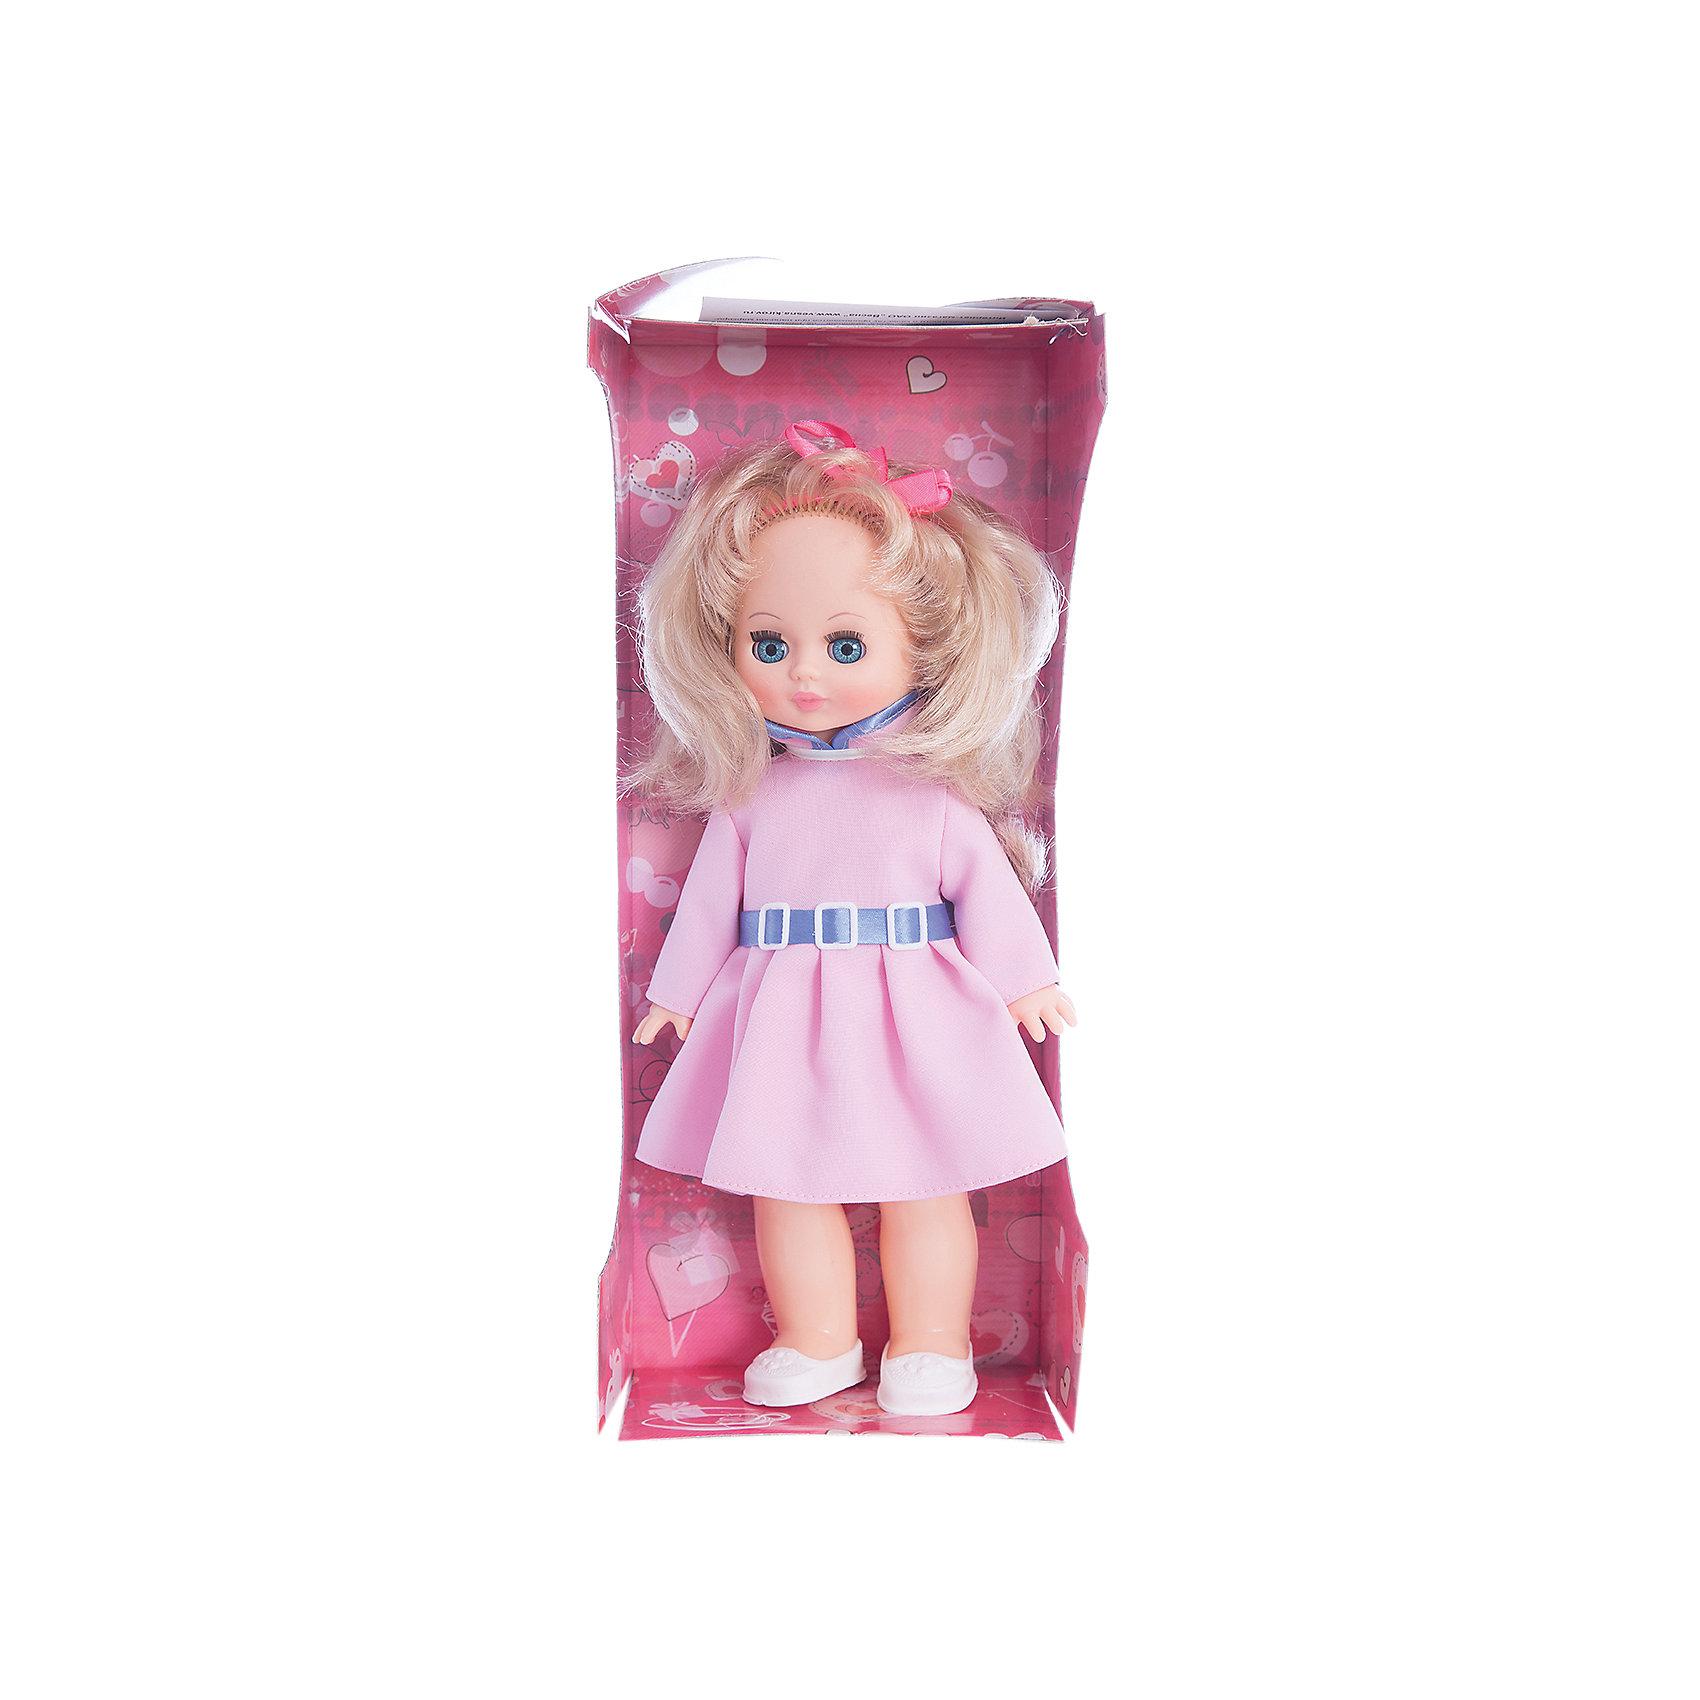 Кукла Жанна 7, со звуком, 36 см, ВеснаКрасивая кукла от отечественного производителя способна не просто помочь ребенку весело проводить время, но и научить девочку одеваться со вкусом. На ней - модный костюм, всё можно снимать и надевать.<br>Кукла произносит несколько фраз, механизм работает от батареек. Очень красиво смотрятся пышные волосы, на которых можно делать прически. Сделана игрушка из качественных и безопасных для ребенка материалов. Такая кукла поможет ребенку освоить механизмы социальных взаимодействий, развить моторику и воображение. Также куклы помогают девочкам научиться заботиться о других.<br><br>Дополнительная информация:<br><br>- материал: пластмасса;<br>- волосы: прошивные;<br>- открывающиеся глаза;<br>- звуковой модуль;<br>- снимающаяся одежда и обувь;<br>- высота: 36 см.<br><br>Комплектация:<br><br>- одежда;<br>- три батарейки СЦ 357.<br><br>Куклу Жанна 7, со звуком, от марки Весна можно купить в нашем магазине.<br><br>Ширина мм: 170<br>Глубина мм: 100<br>Высота мм: 420<br>Вес г: 340<br>Возраст от месяцев: 36<br>Возраст до месяцев: 1188<br>Пол: Женский<br>Возраст: Детский<br>SKU: 4701840